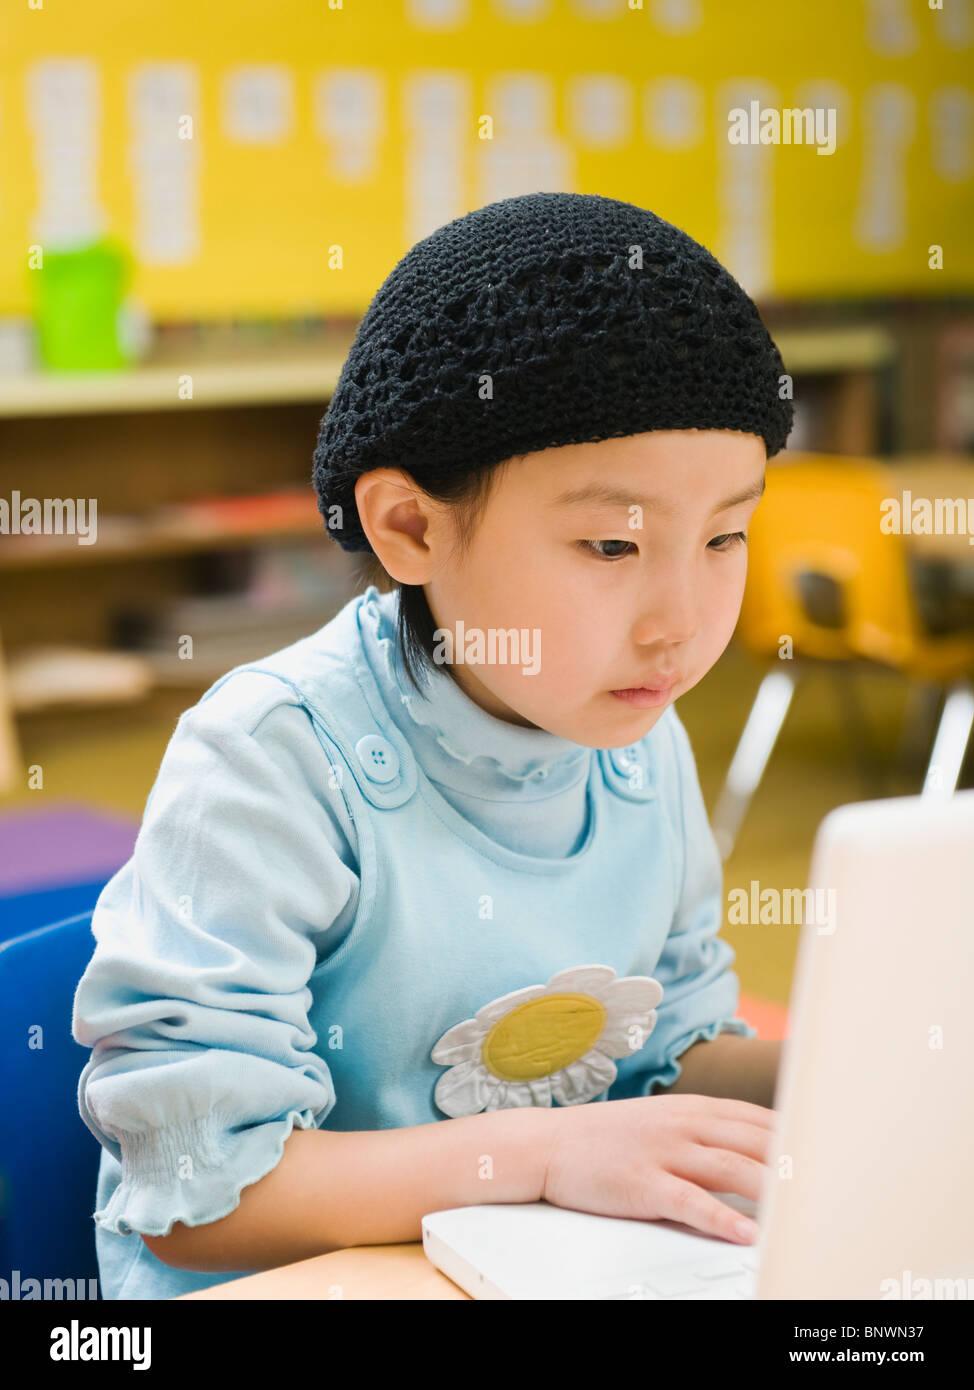 Kindergarten student working on laptop in classroom - Stock Image